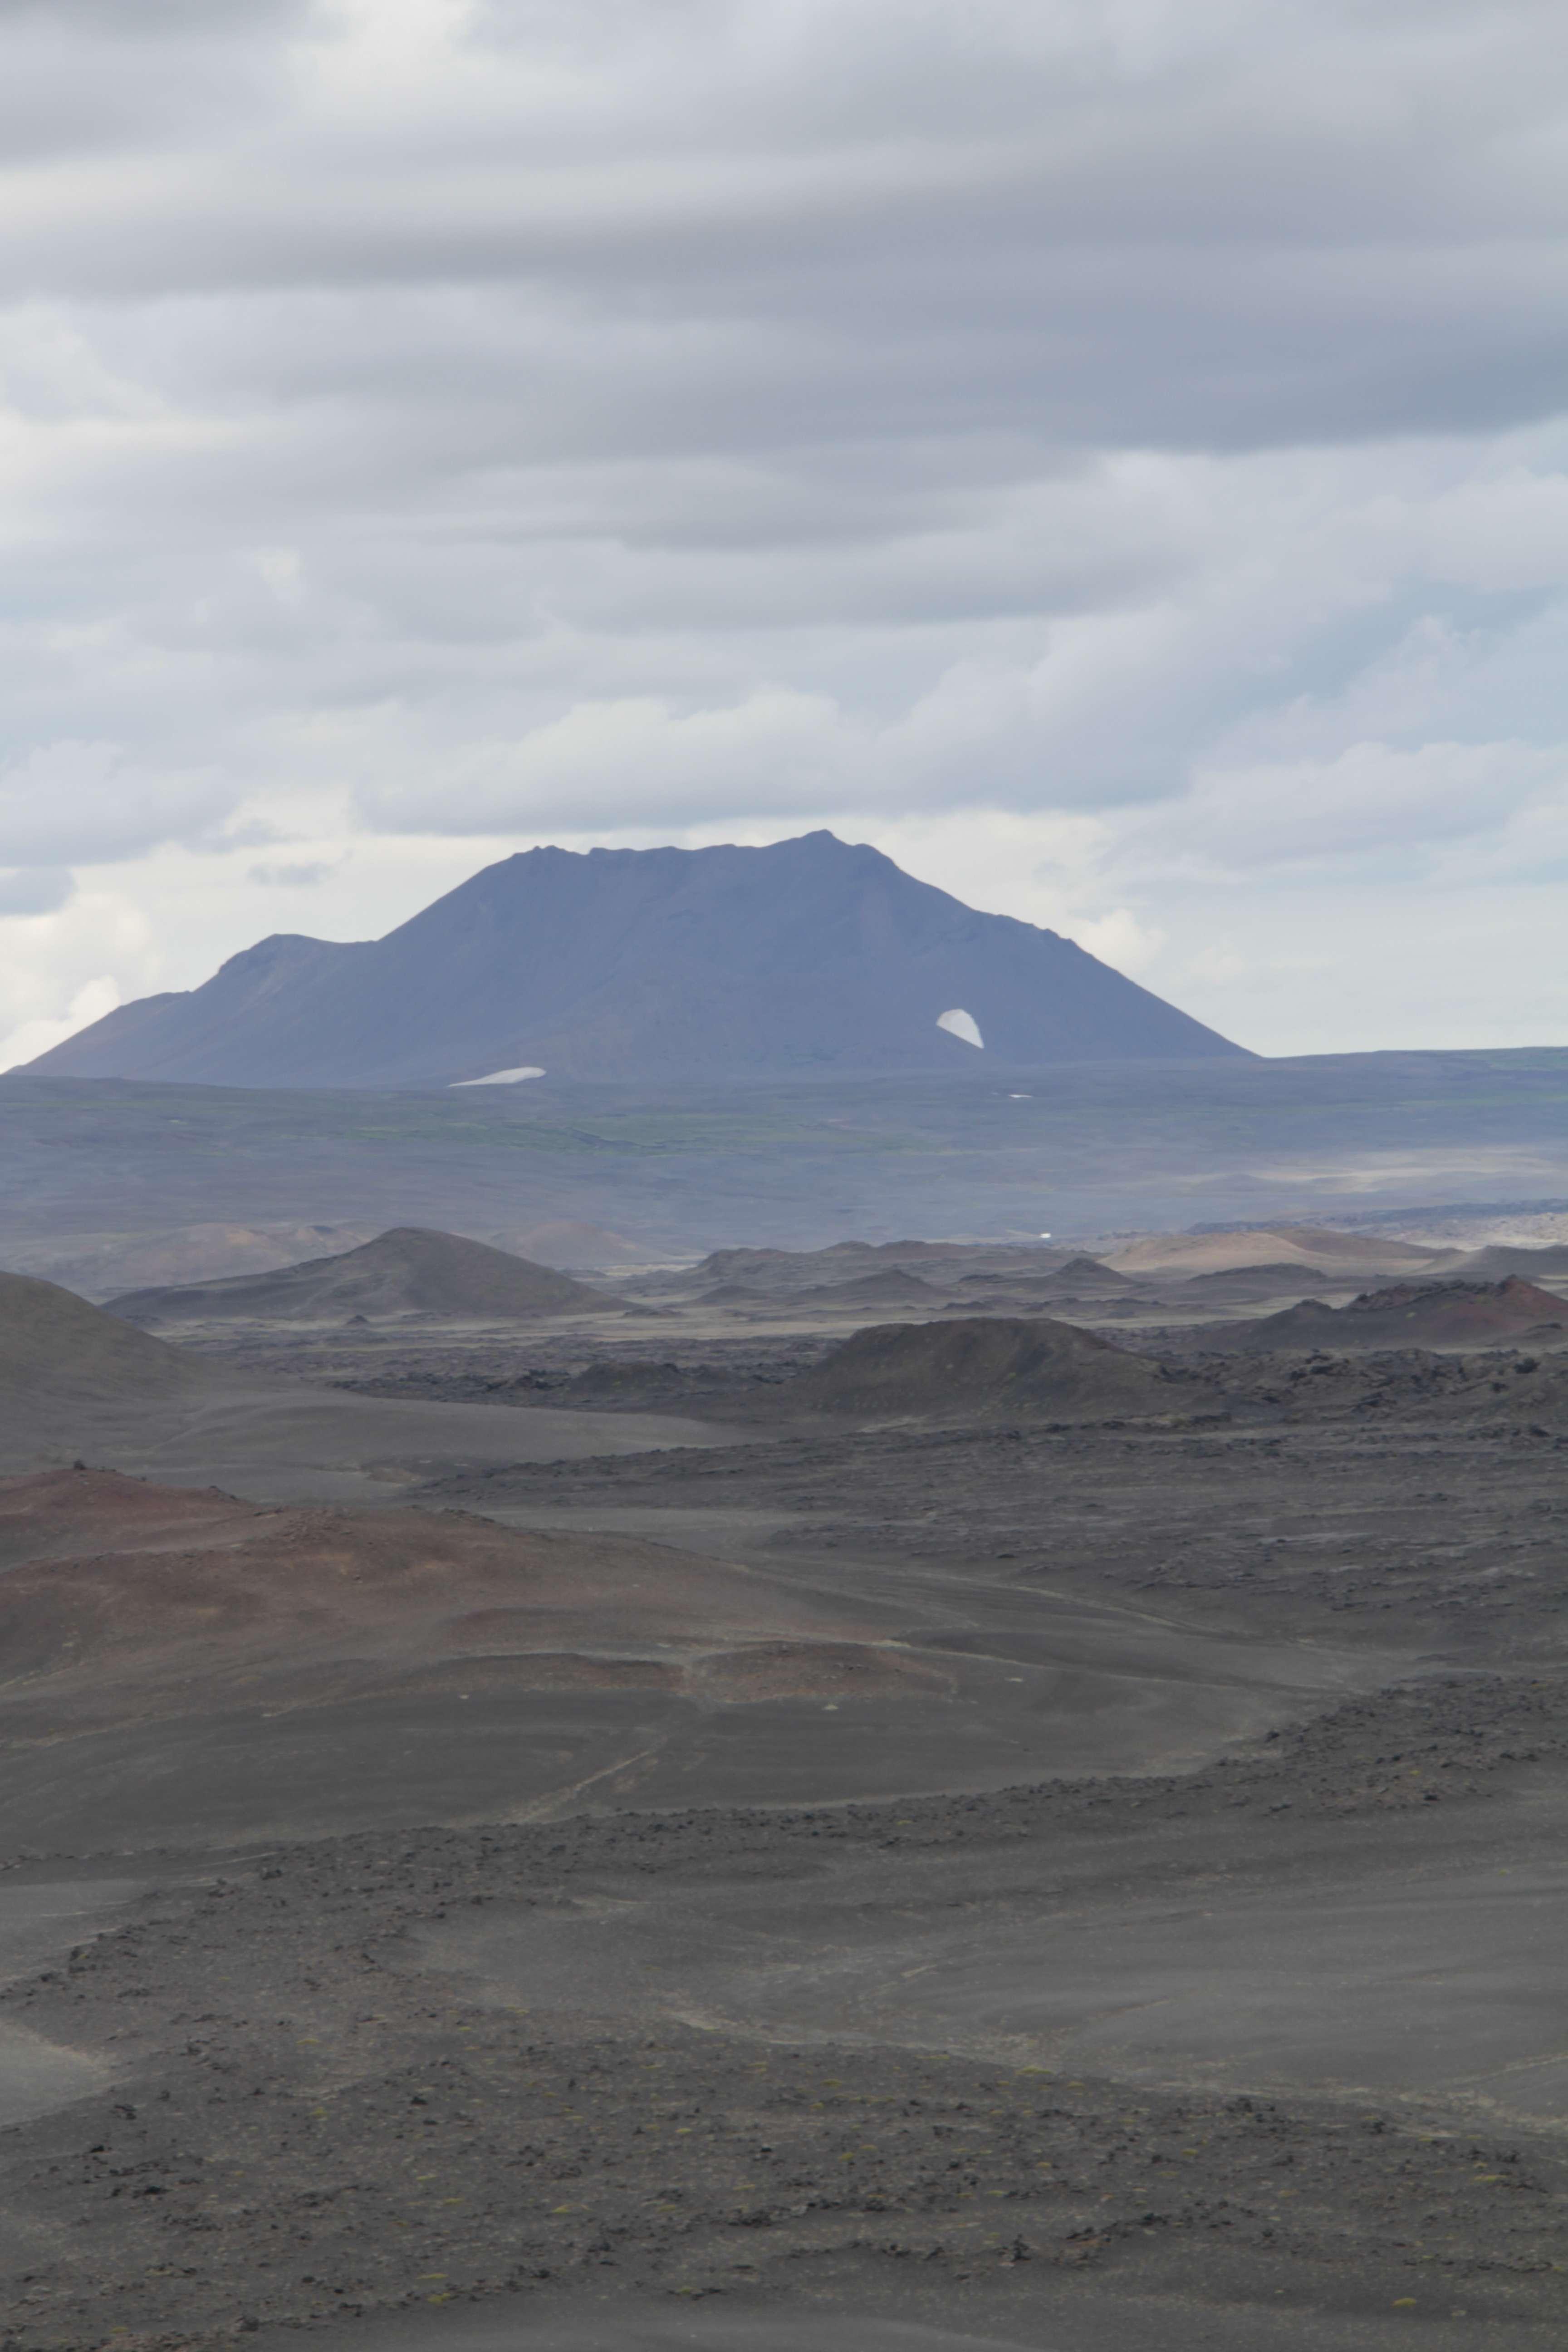 Islande_0244 rando Hofdi-Reykjahlid - Hverfjall 12 juillet